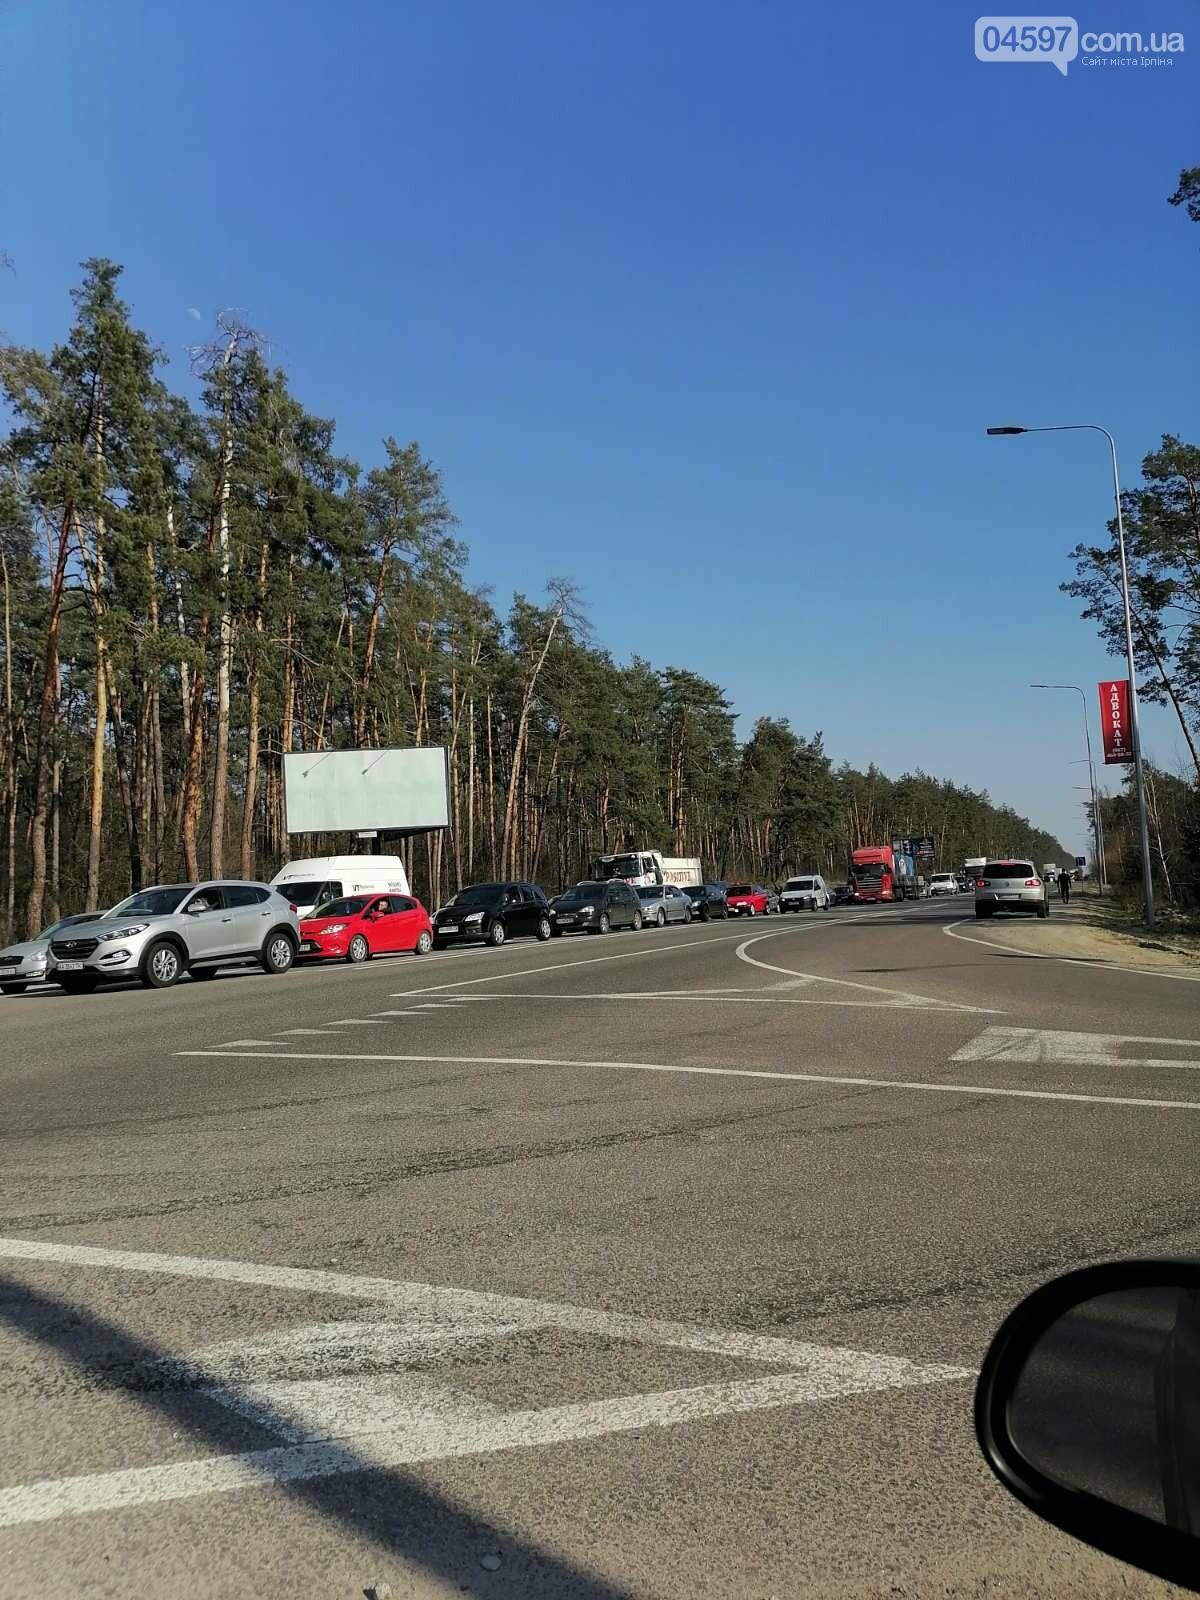 До уваги водіїв: на Варшавці великий затор, фото-2